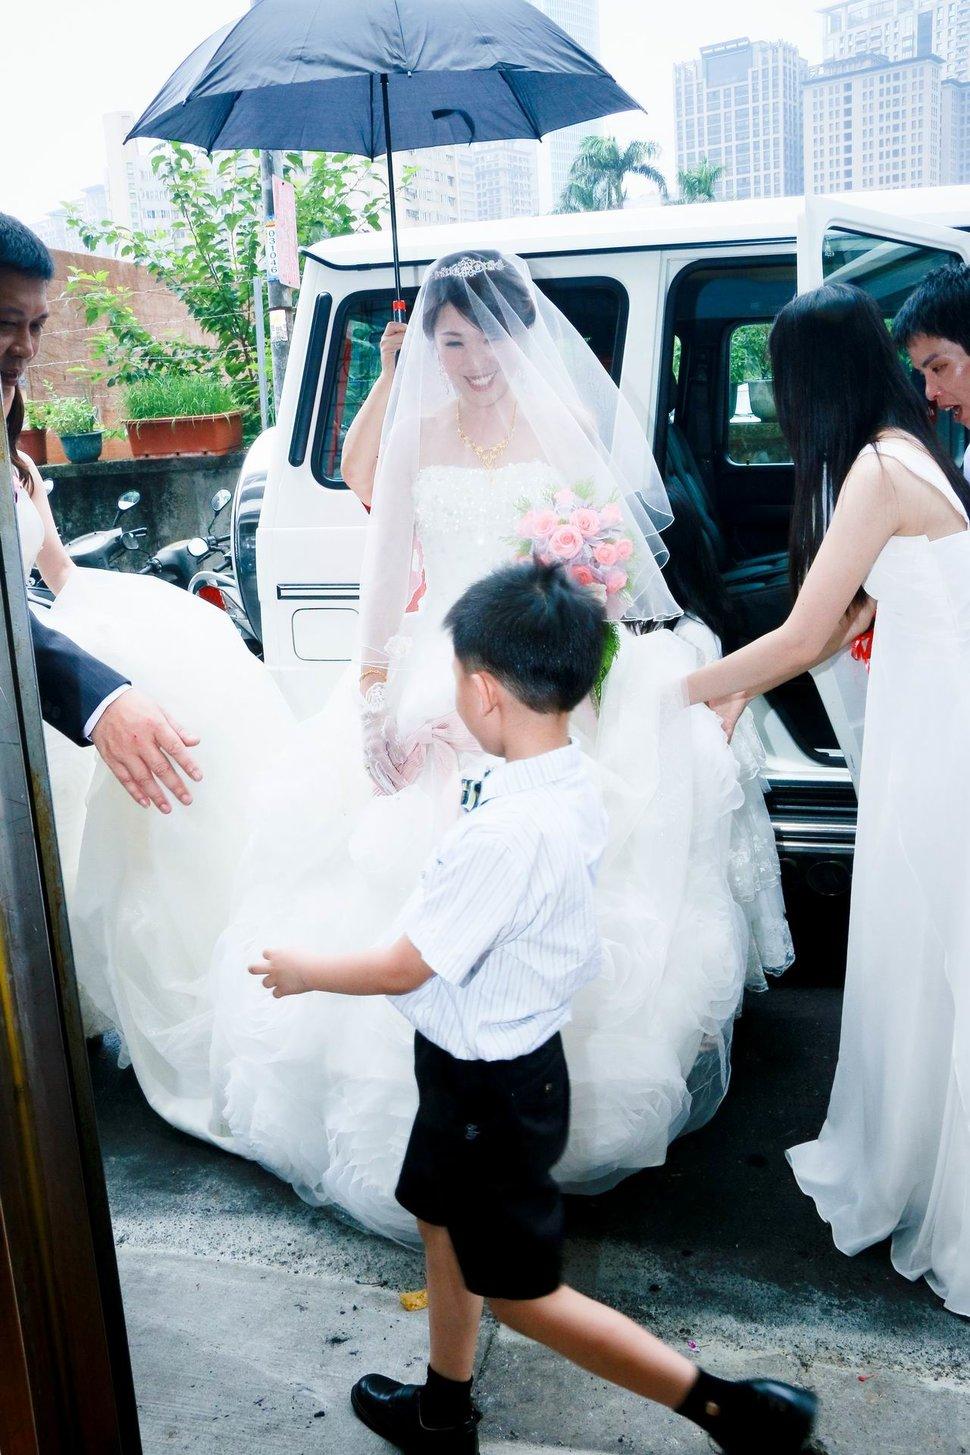 板橋吉立定結餐廳迎娶文定婚禮記錄結婚迎娶婚禮攝影動態微電影錄影專業錄影平面攝影影婚禮主持人(編號:196982) - 蜜月拍照10800錄影12800攝影團隊 - 結婚吧